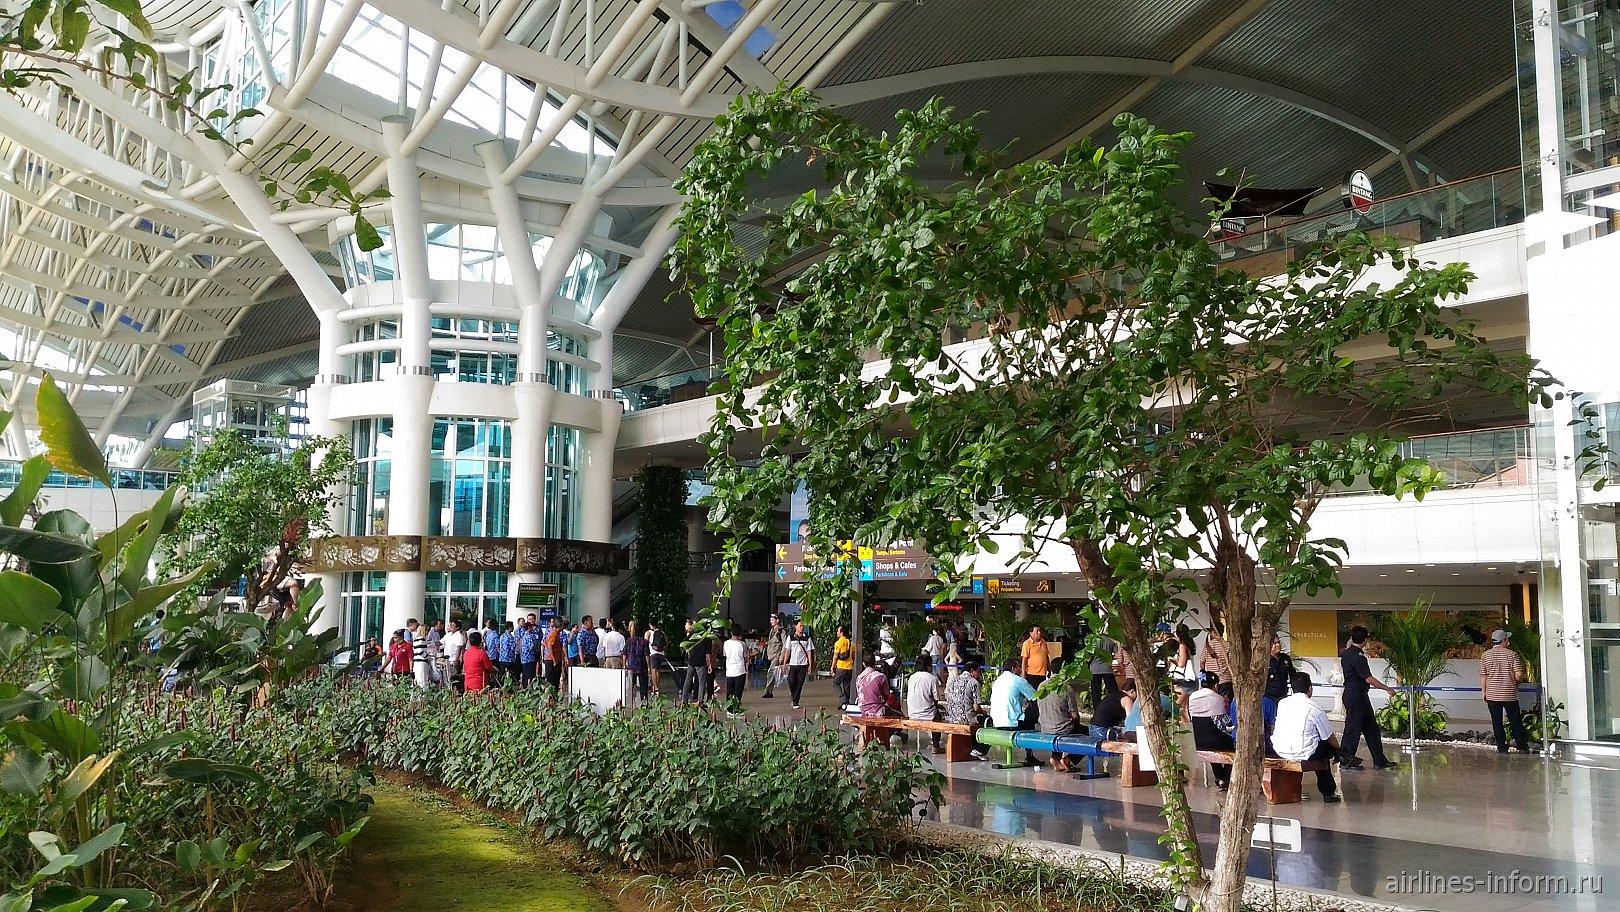 Зона прибытия в международном терминале аэропорта Денпасар Нгура Рай